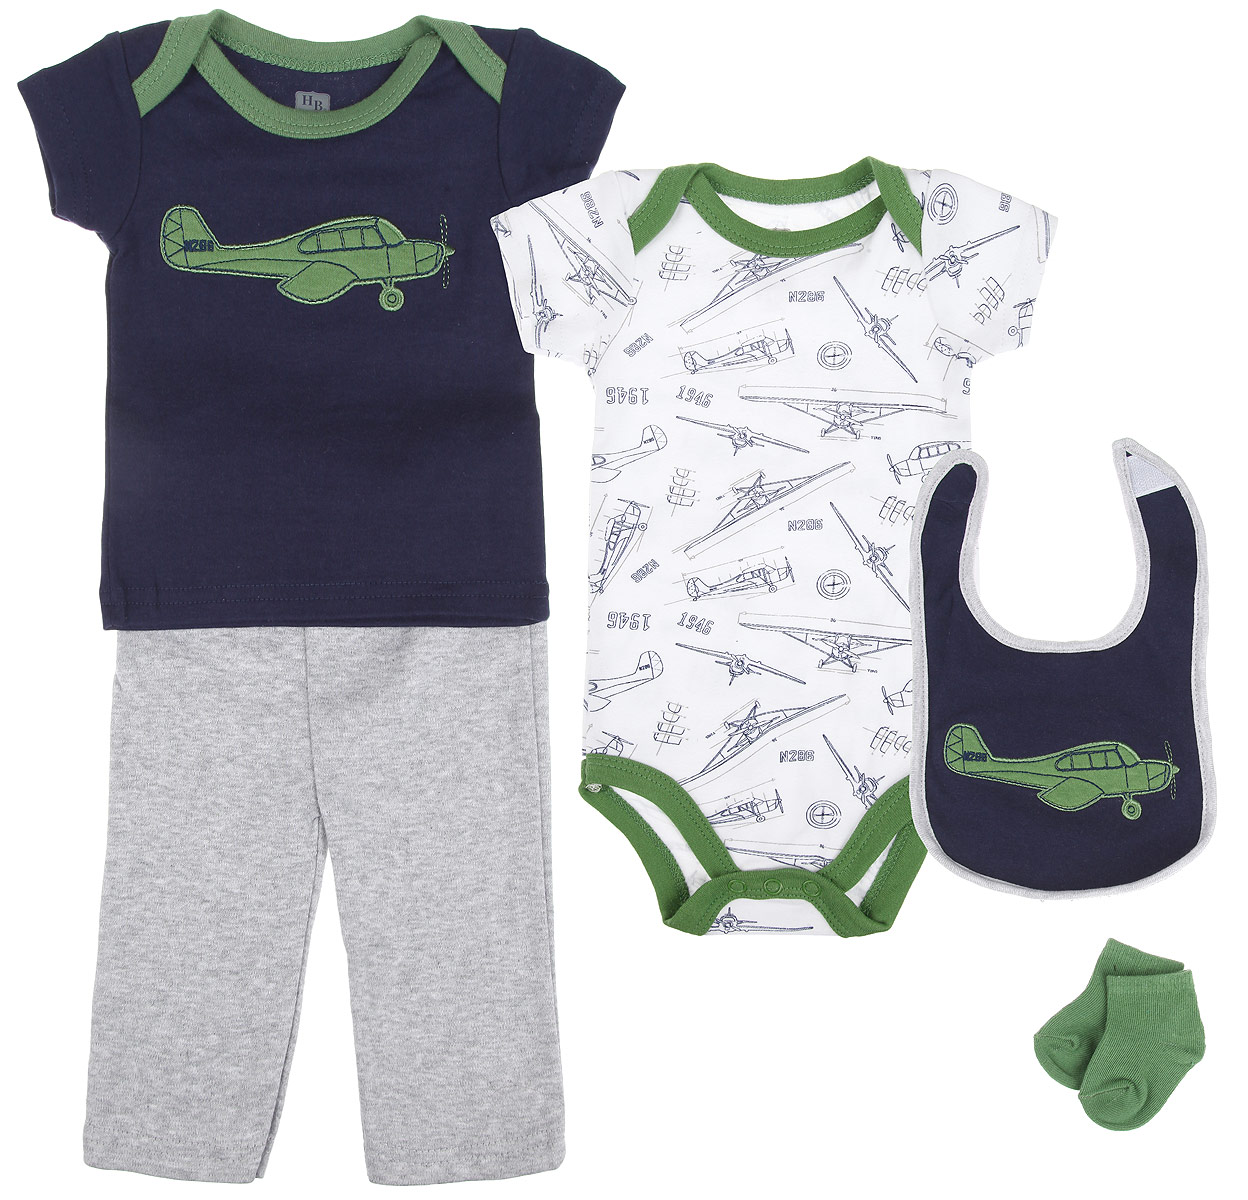 Подарочный комплект для новорожденного Hudson Baby Аэроплан, 5 предметов, цвет: темно-синий, зеленый, серый. 58104. Размер 55/61, 0-3 месяца58104Комплект для новорожденного Hudson Baby Аэроплан - это замечательный подарок, который прекрасно подойдет для первых дней жизни малыша. Комплект состоит из боди, футболки, штанишек, нагрудника и носочков. Одежда выполнена из натурального хлопка, не сковывает движения малыша и позволяет коже дышать, не раздражает даже самую нежную и чувствительную кожу ребенка, обеспечивая ему наибольший комфорт. Носочки изготовлены из хлопка с добавлением нейлона и спандекса, нагрудник - из хлопка и полиэстера. Удобное боди с круглым вырезом горловины и короткими рукавами имеет специальные запахи на плечах и кнопки на ластовице, что значительно облегчает процесс переодевания ребенка и смену подгузника. По всей поверхности изделие украшено оригинальным принтом.Футболка с круглым вырезом горловины и короткими рукавами также имеет запахи на плечах. Спереди модель дополнена нашивкой с изображением самолета. Штанишки на талии имеют мягкую резинку, не сдавливают животик малыша и не сползают. Они отлично сочетаются с футболками и кофточками. Комфортные и прочные носочки с мягкой резинкой плотно облегают ножку ребенка, не сдавливая ее, благодаря чему малышу будет комфортно и удобно. Нагрудник незаменим при кормлении и поможет сохранить одежду ребенка сухой и чистой. Крепится при помощи липучек. Изделие украшено нашивкой с самолетом.Мягкий и практичный трикотаж в сочетании с оригинальным дизайном - идеальный вариант для подарка. Вещи хорошо смотрятся вместе, могут использоваться самостоятельно, а также в сочетании с другими предметами гардероба. В таком комплекте ваш малыш будет чувствовать себя комфортно, уютно и всегда будет в центре внимания!